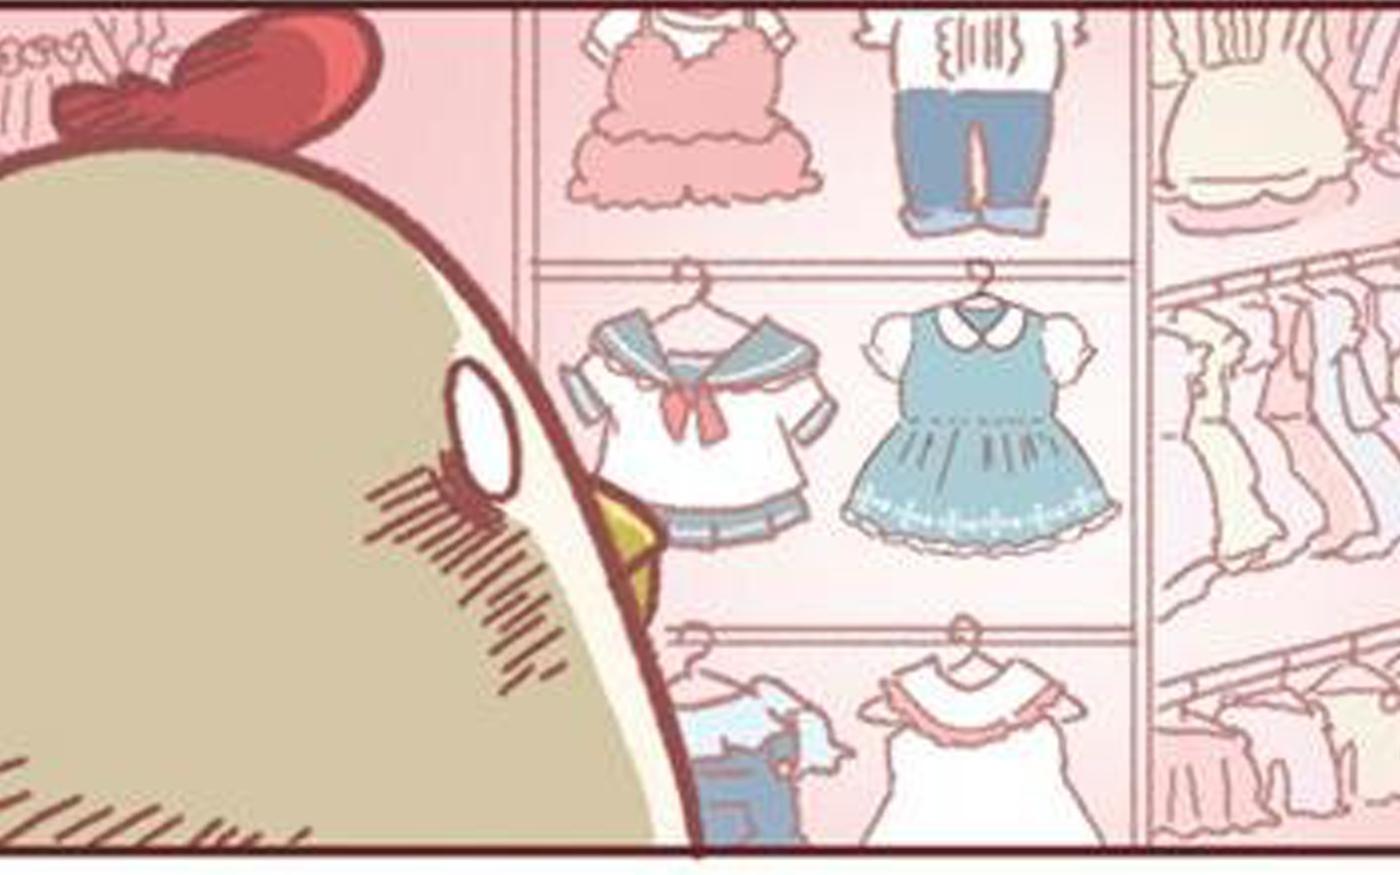 買いません、必要以上のお洋服は! って思ってたんですけど